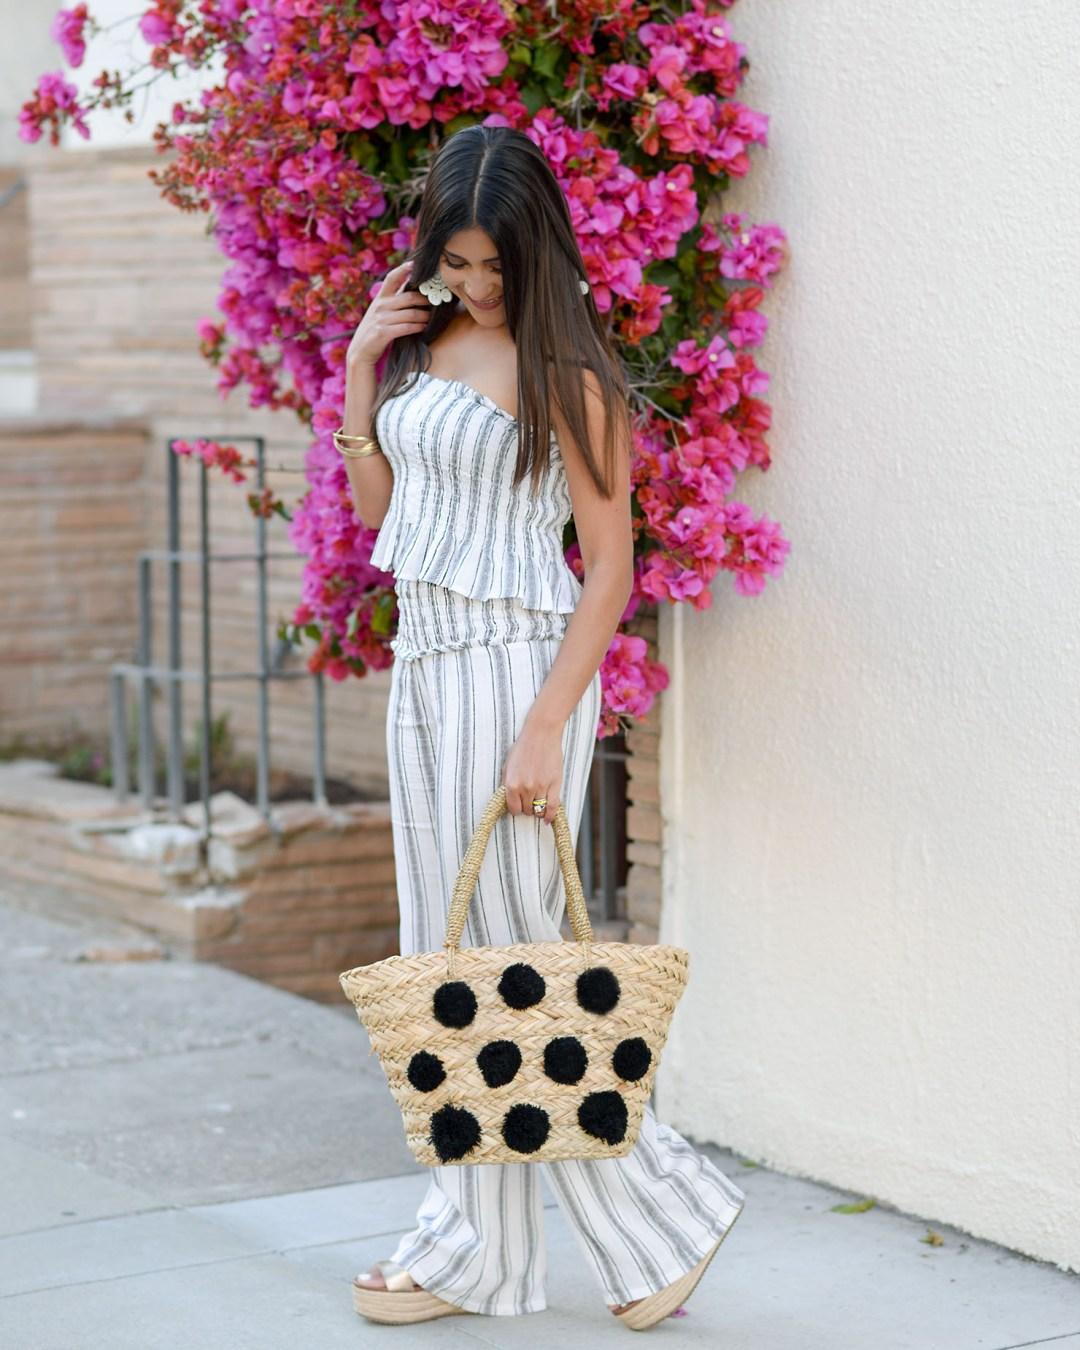 Lifestyle blogger Kelsey Kaplan of Kelsey Kaplan Fashion wearing pom pom straw bag